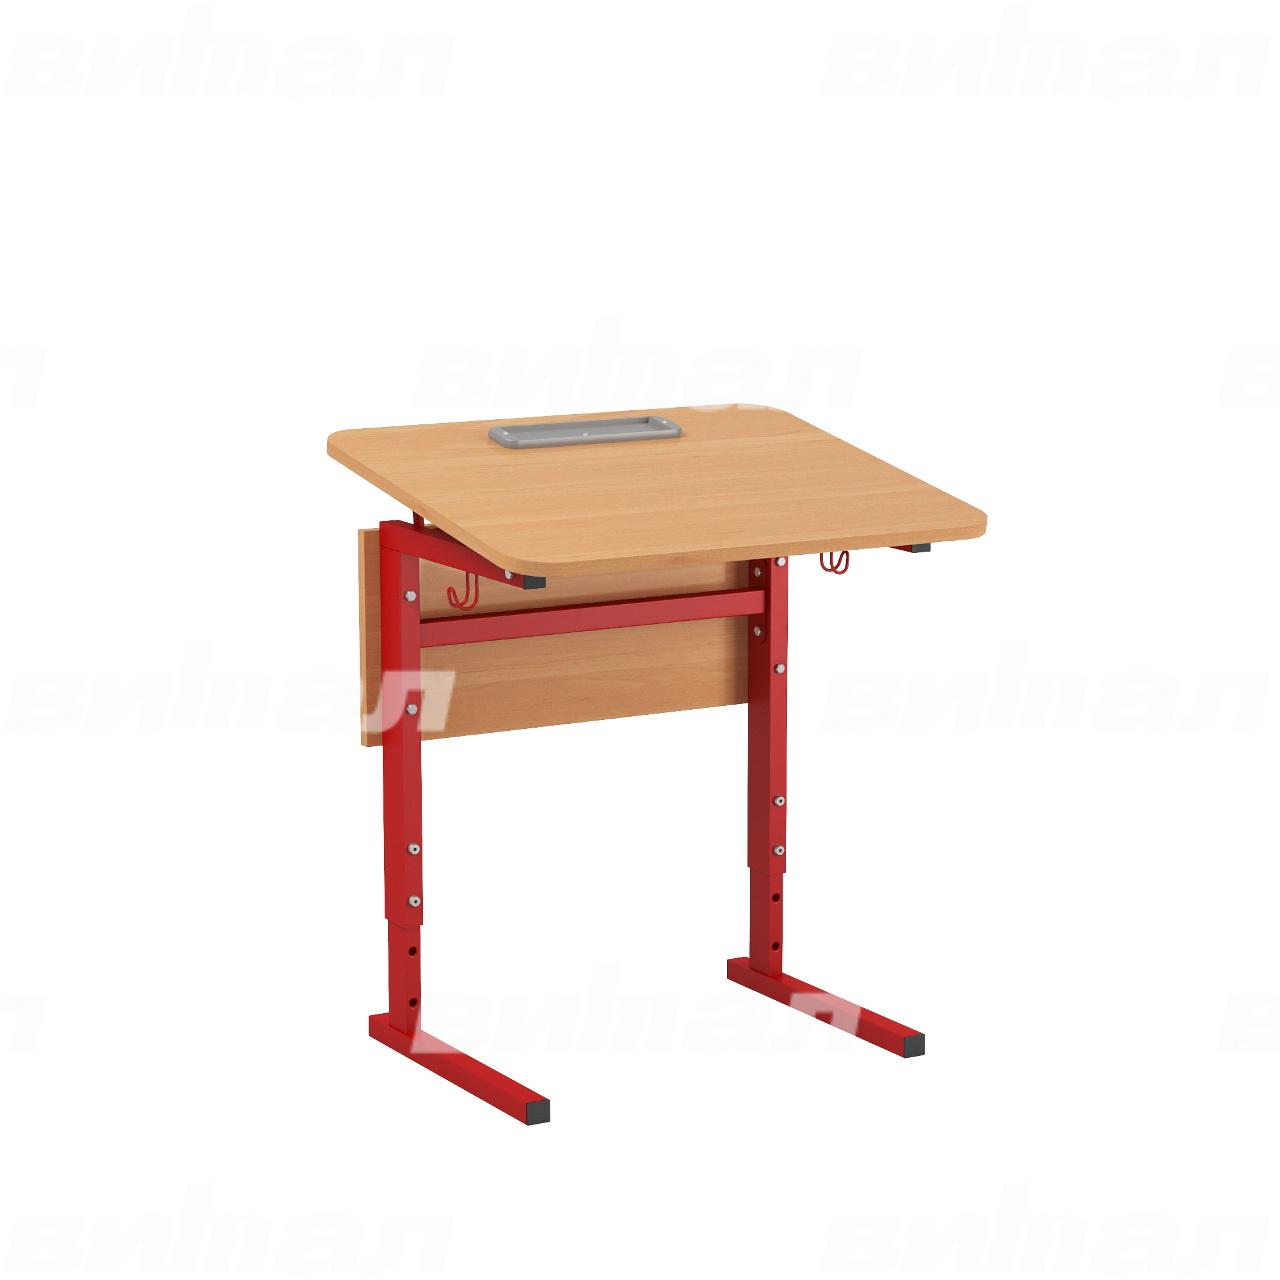 Стол 1-местный регулир. высота и наклон столешницы 0-10° (гр 2-4, 3-5 или 4-6) красный Ольха 2-4 Меламин прямоугольная